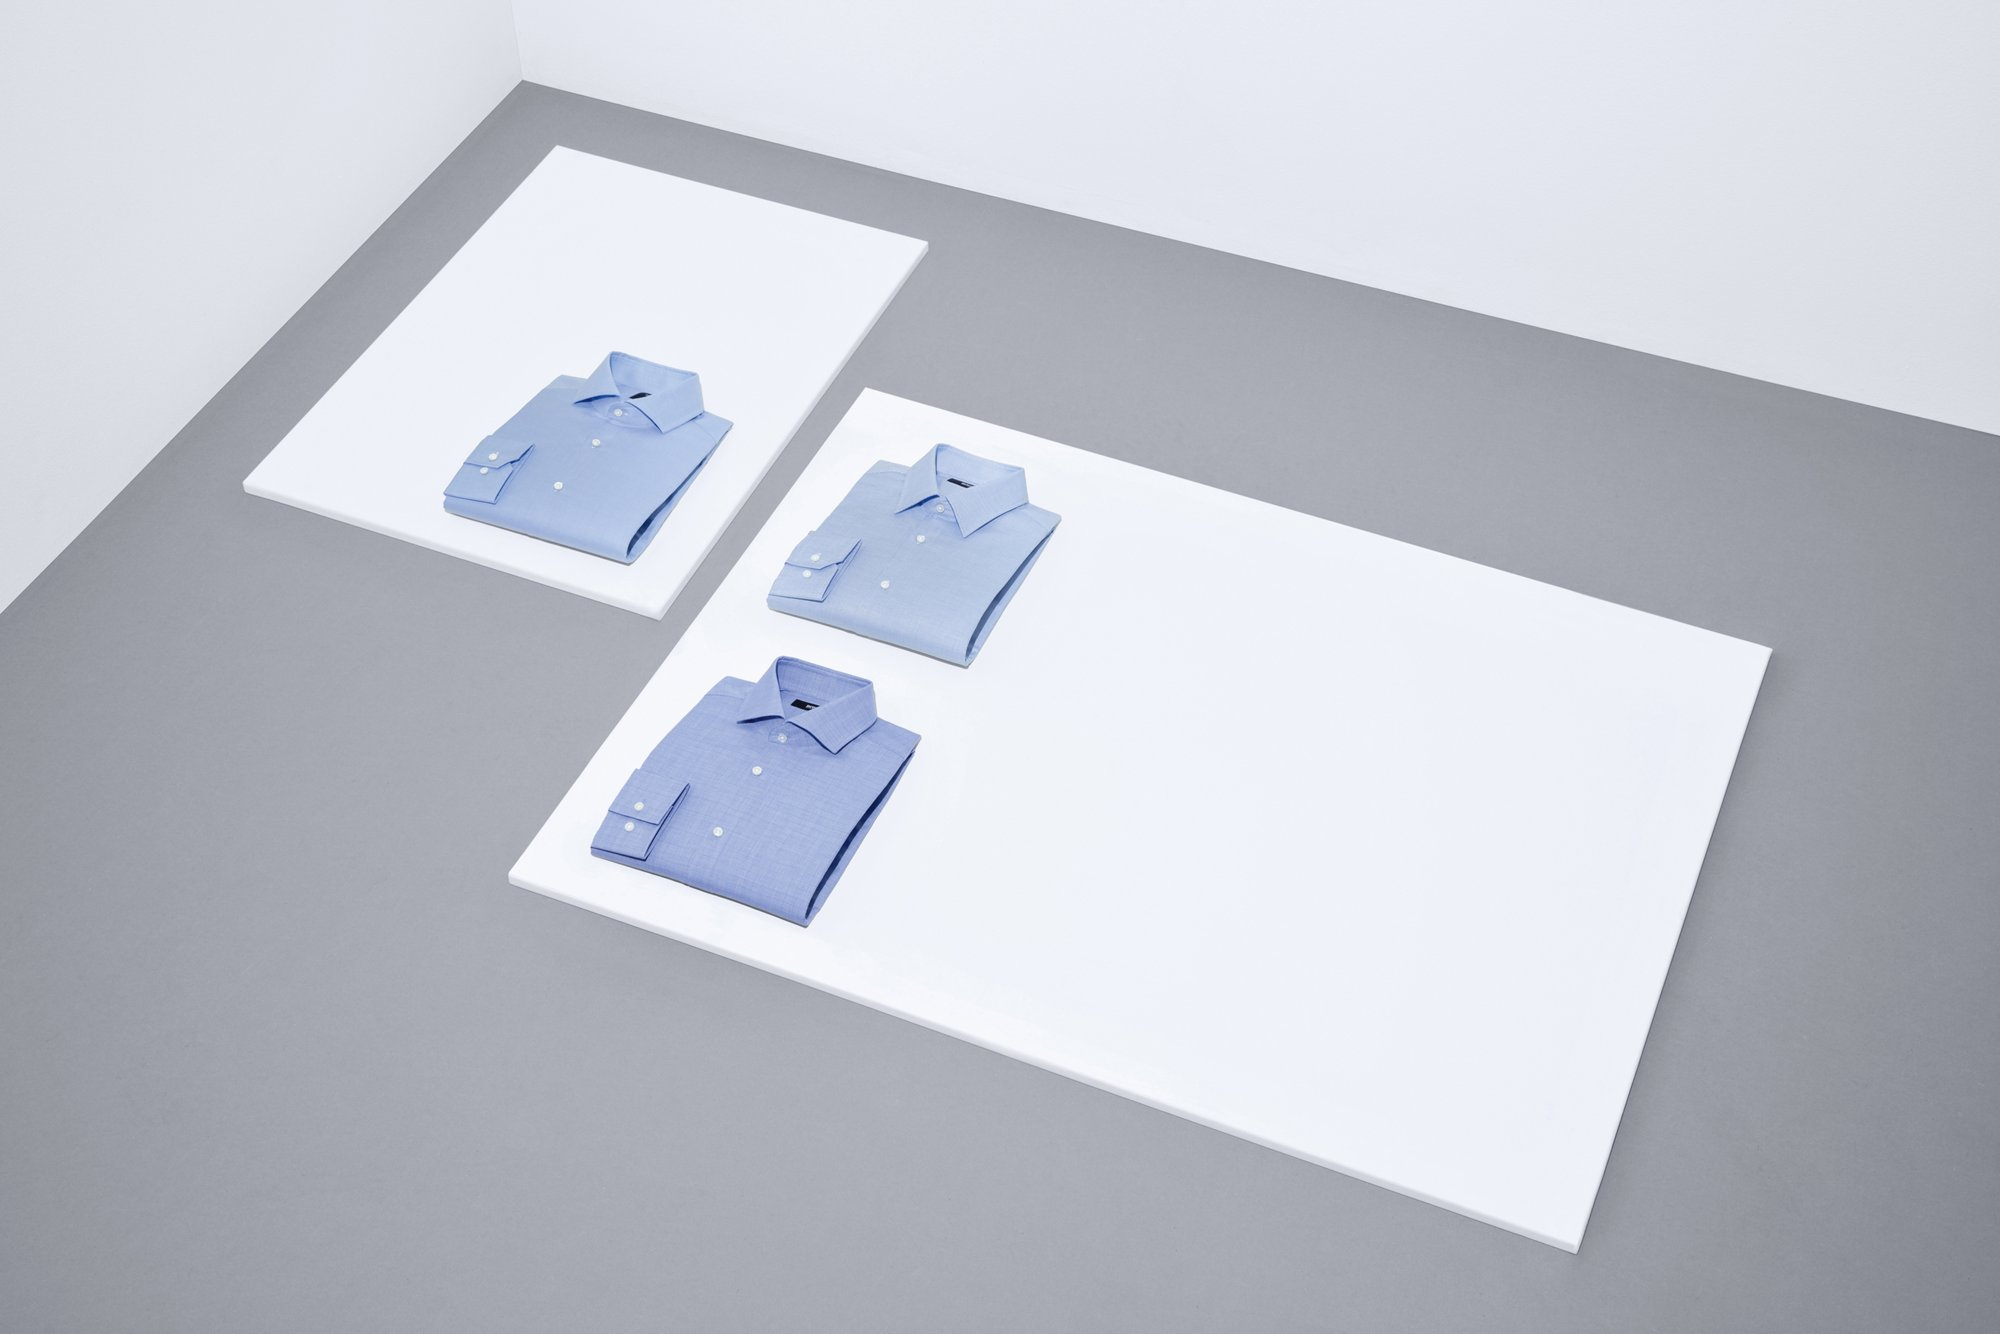 本季,BOSS男装商务系列豪华升级。为您呈现由内至外尽显精英风范的西服套装及各式衬衫